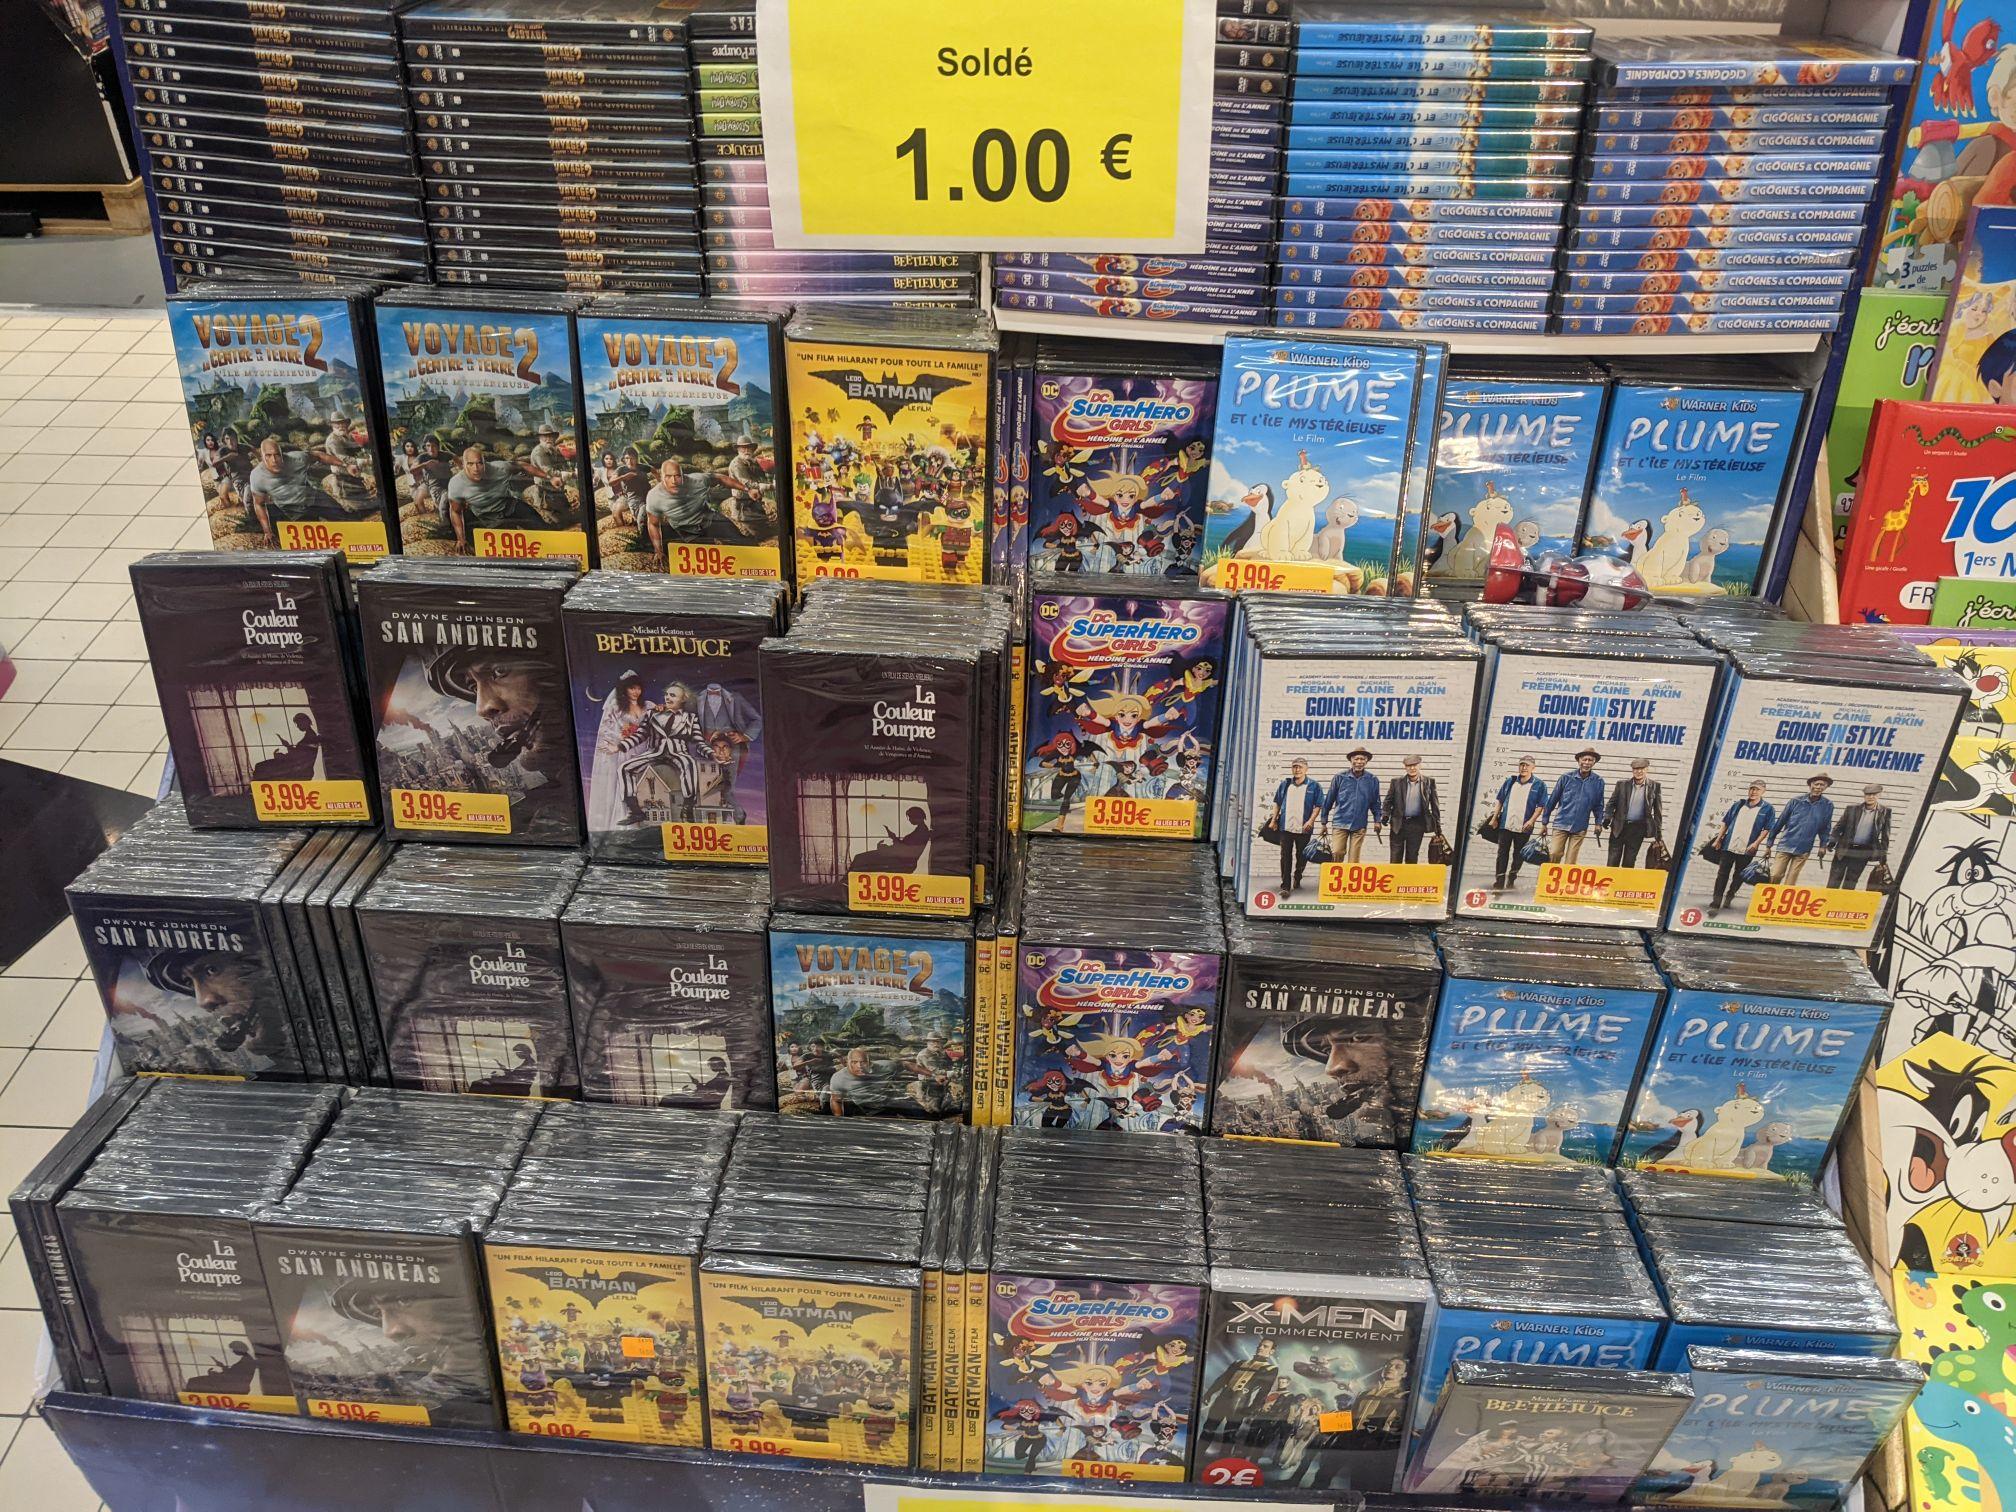 Sélection de DVD à 1€ - Ivry-sur-Seine (94)